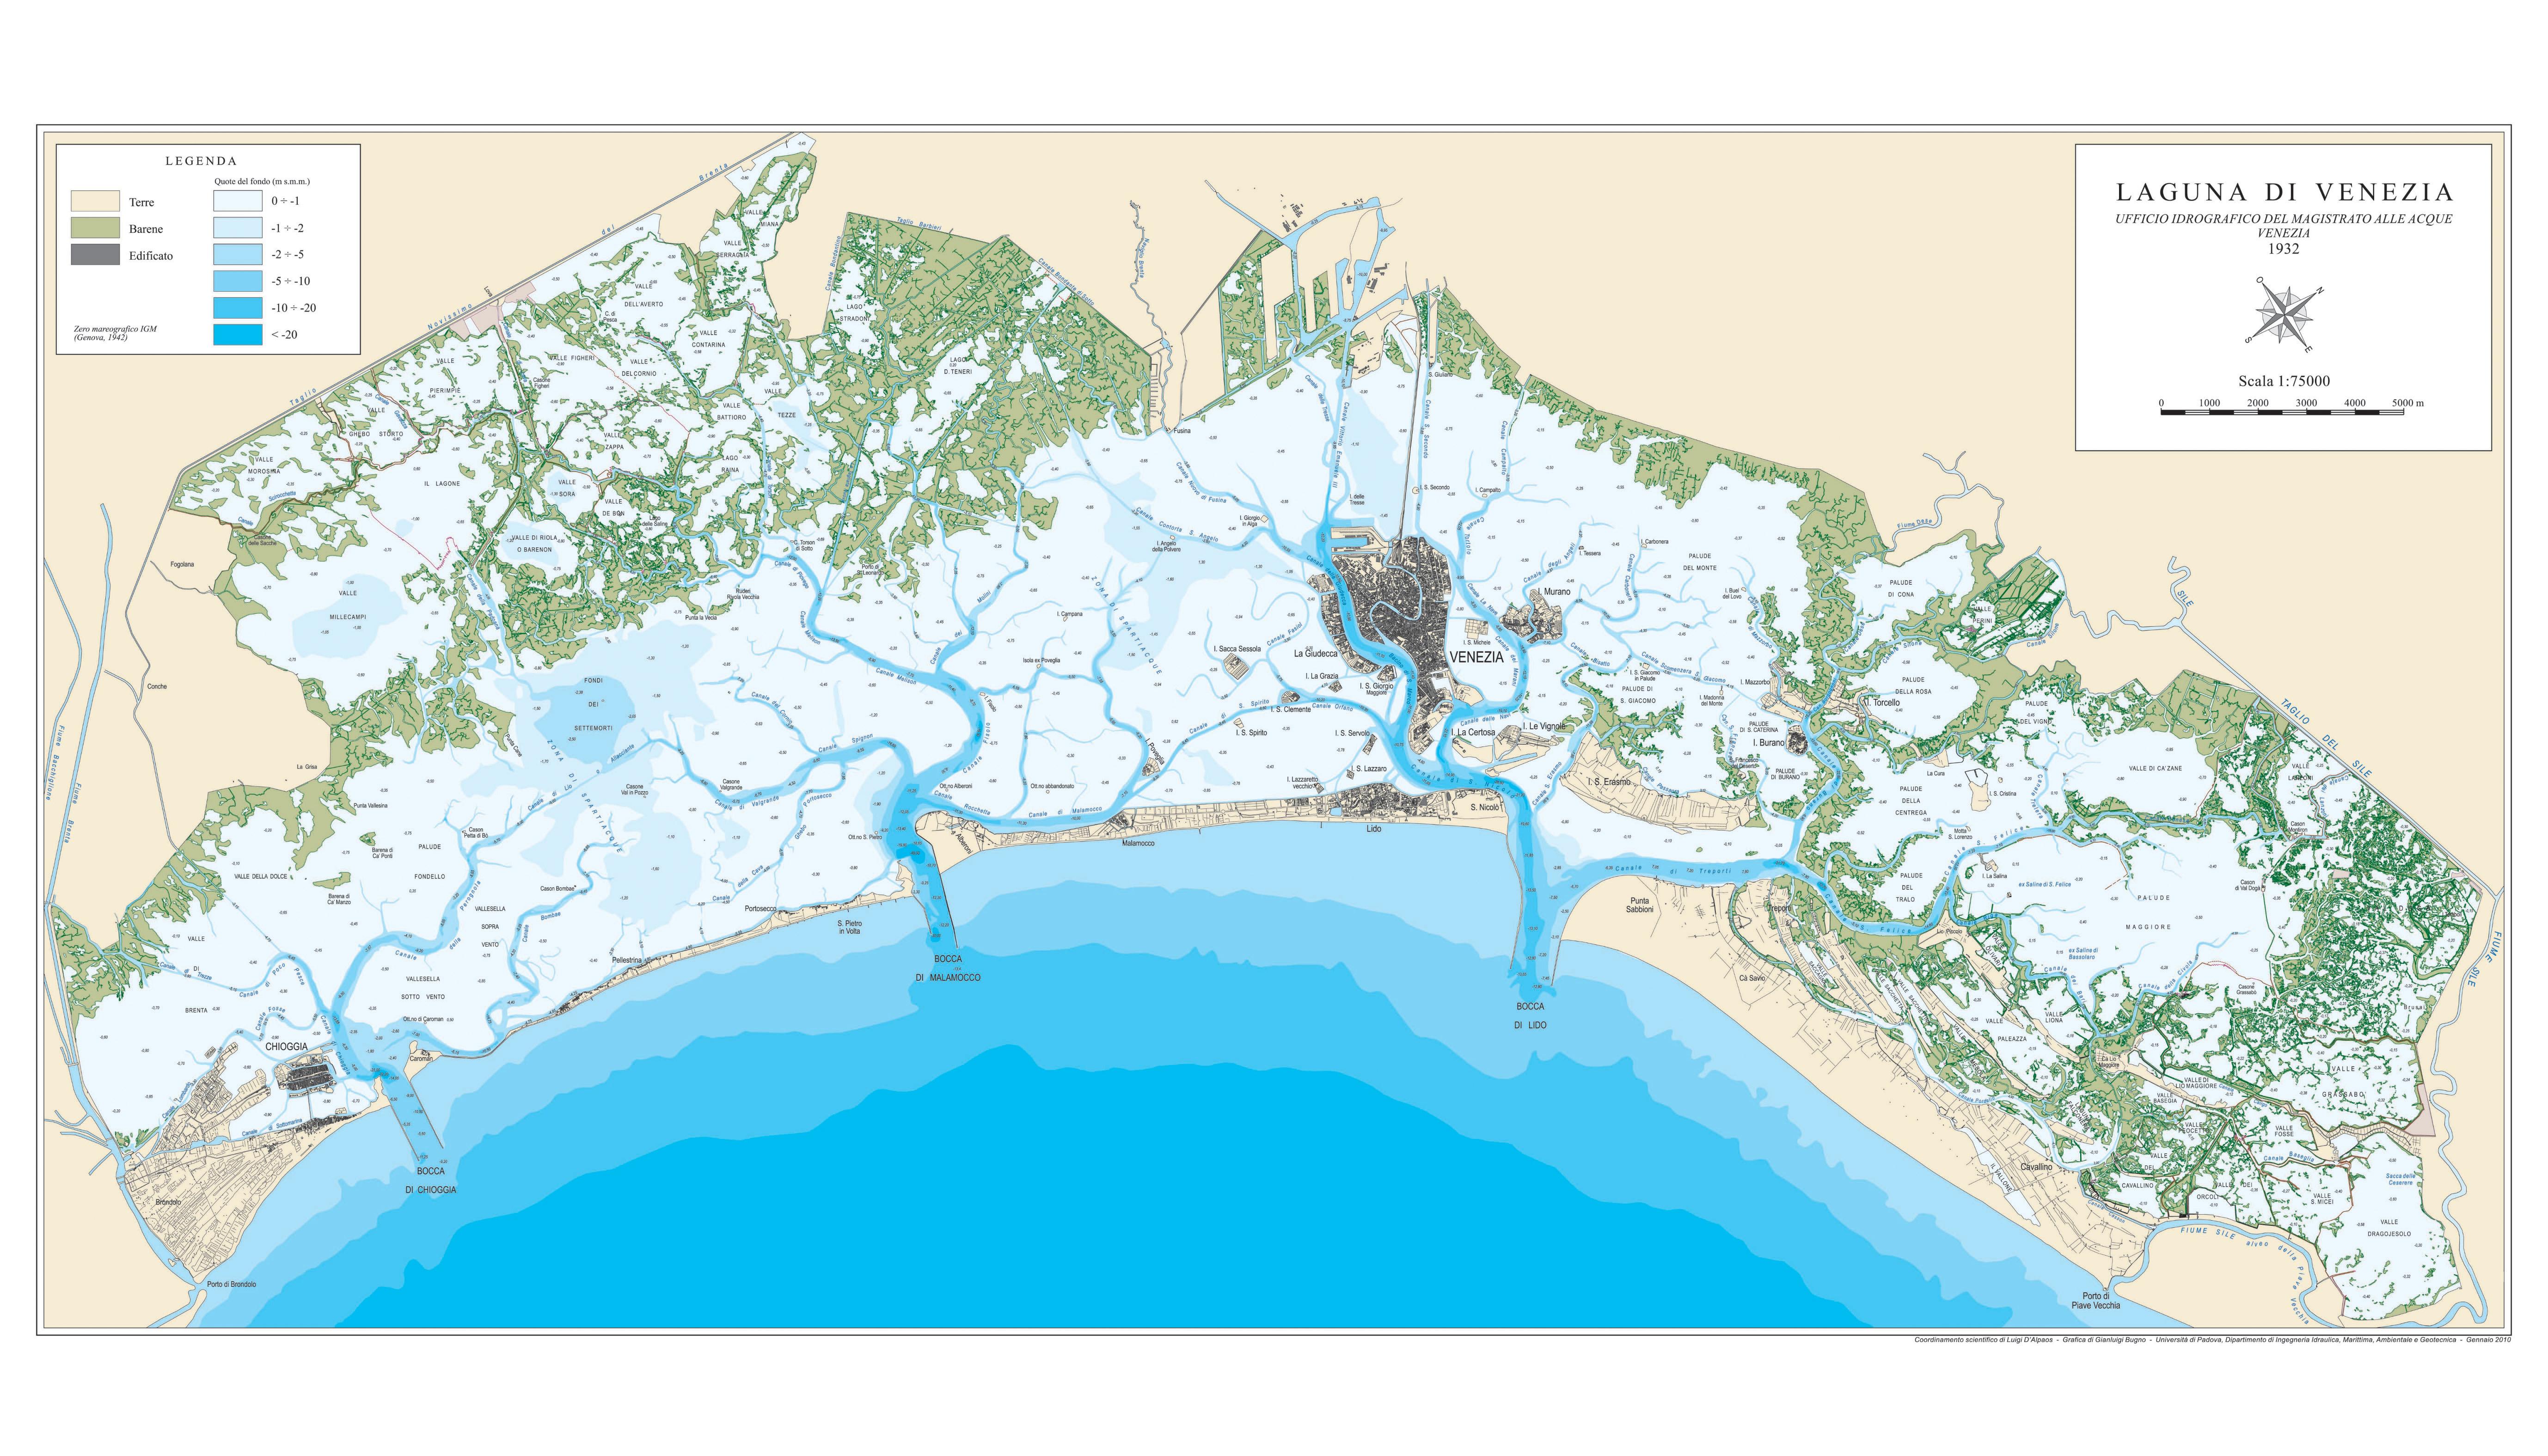 MappaLaguna6_1932.jpg